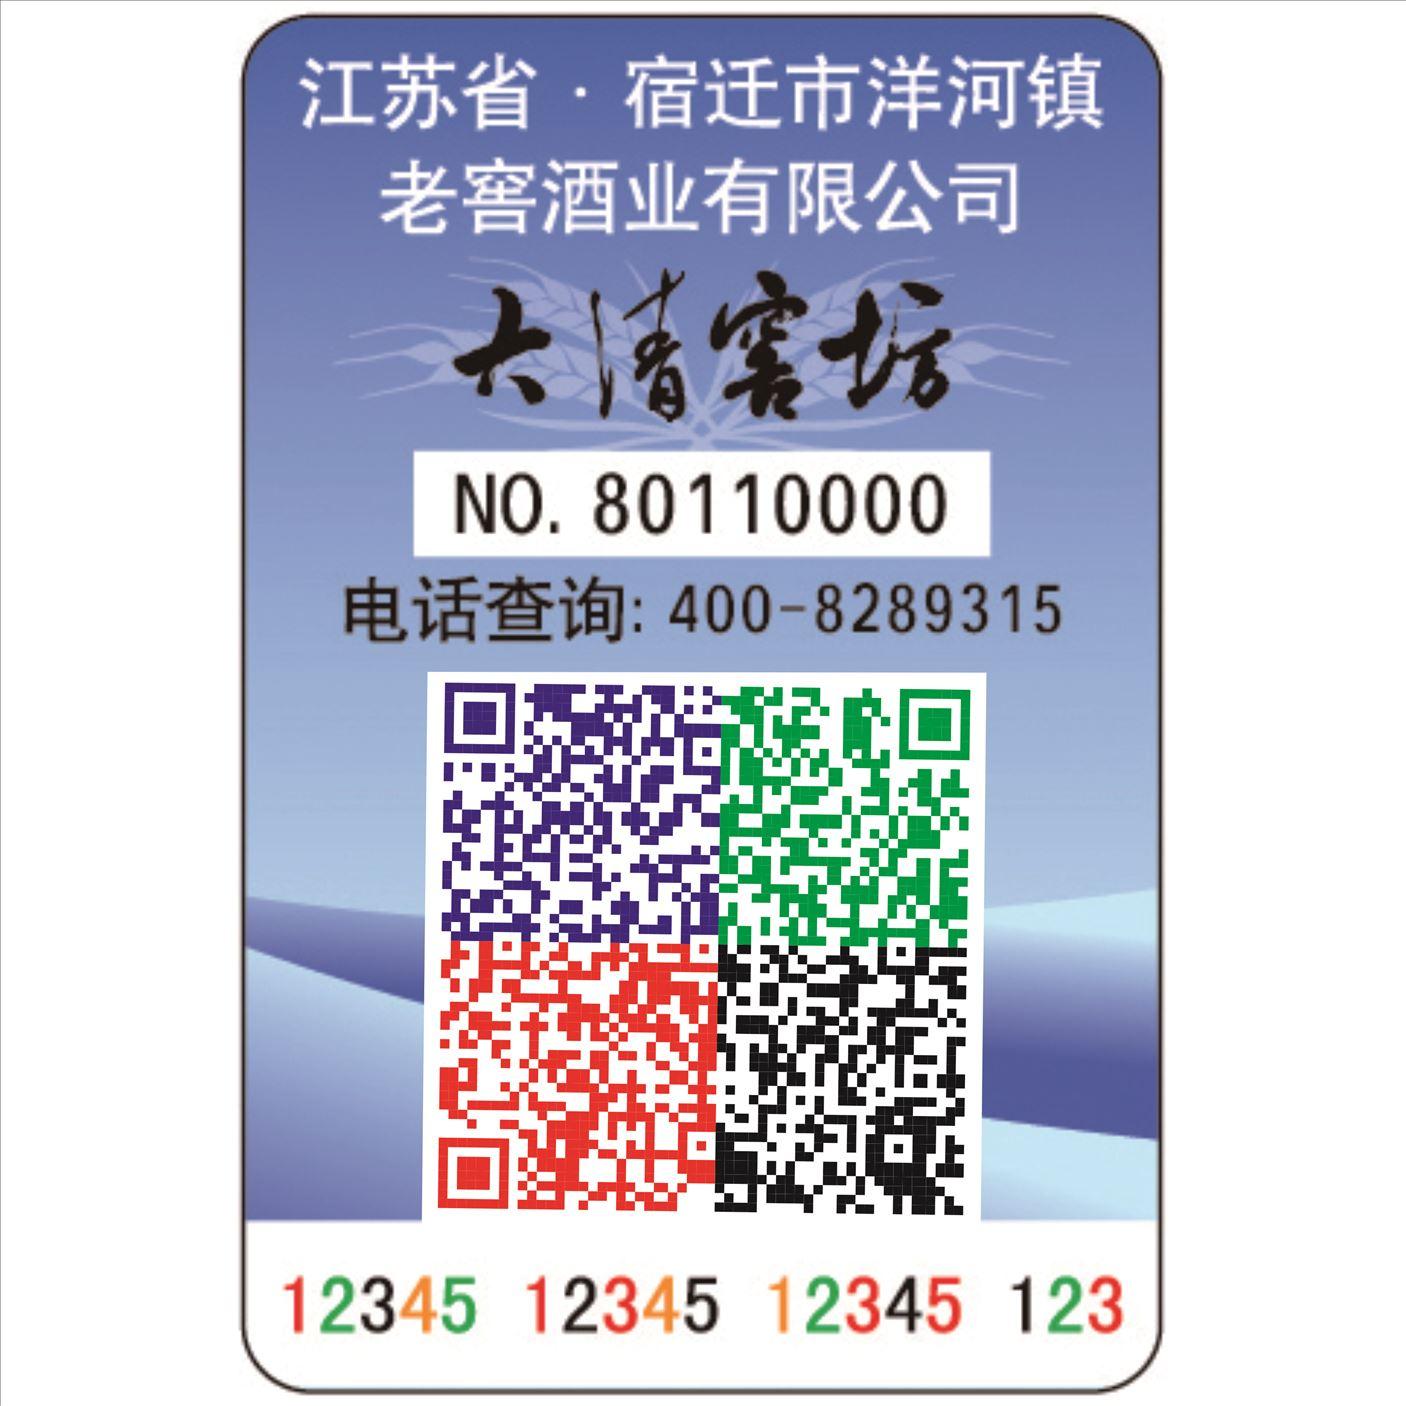 制作数码防伪标签需要具备什么特点?,为了把分散的经销商组织起来。